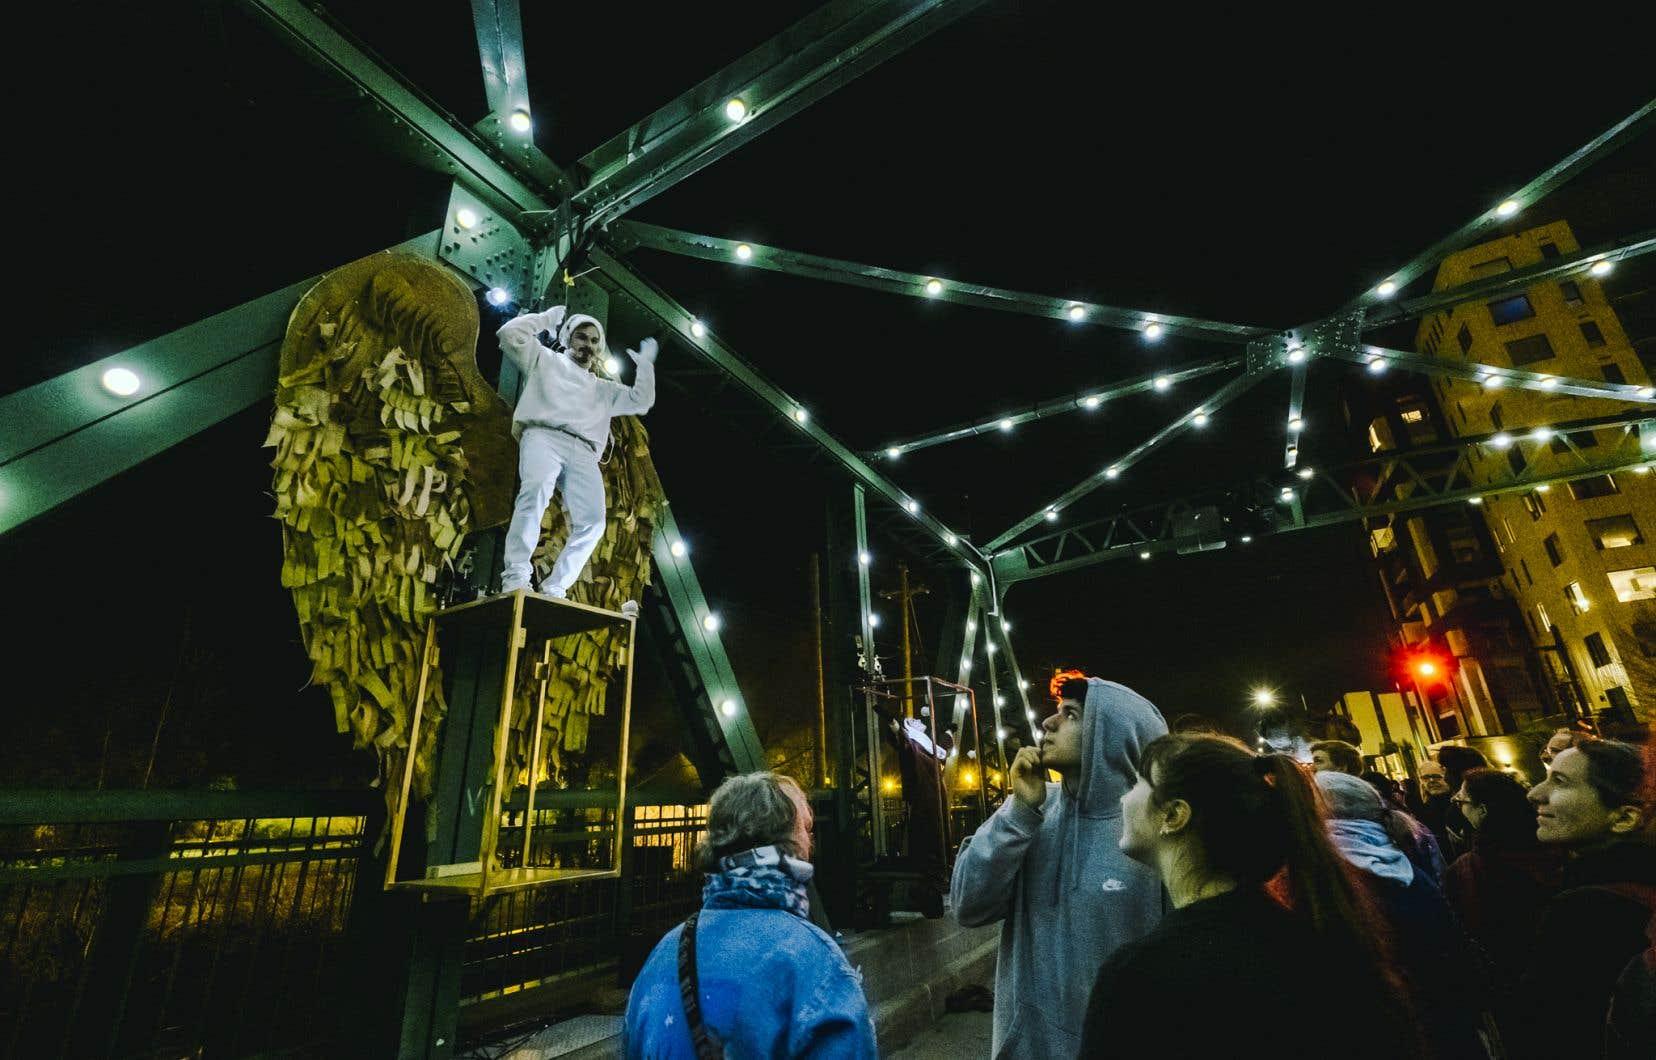 Dans cette nouvelle mouture arrivée avec la 20eédition du festival, cinq tableaux bigarrés investissent les berges de la rivière Saint-Charles.«Points de suspension», le tableau de Karine Ledoyen et Ludovic Fouquet, investit l'espace étroit du pont Lavigueur.